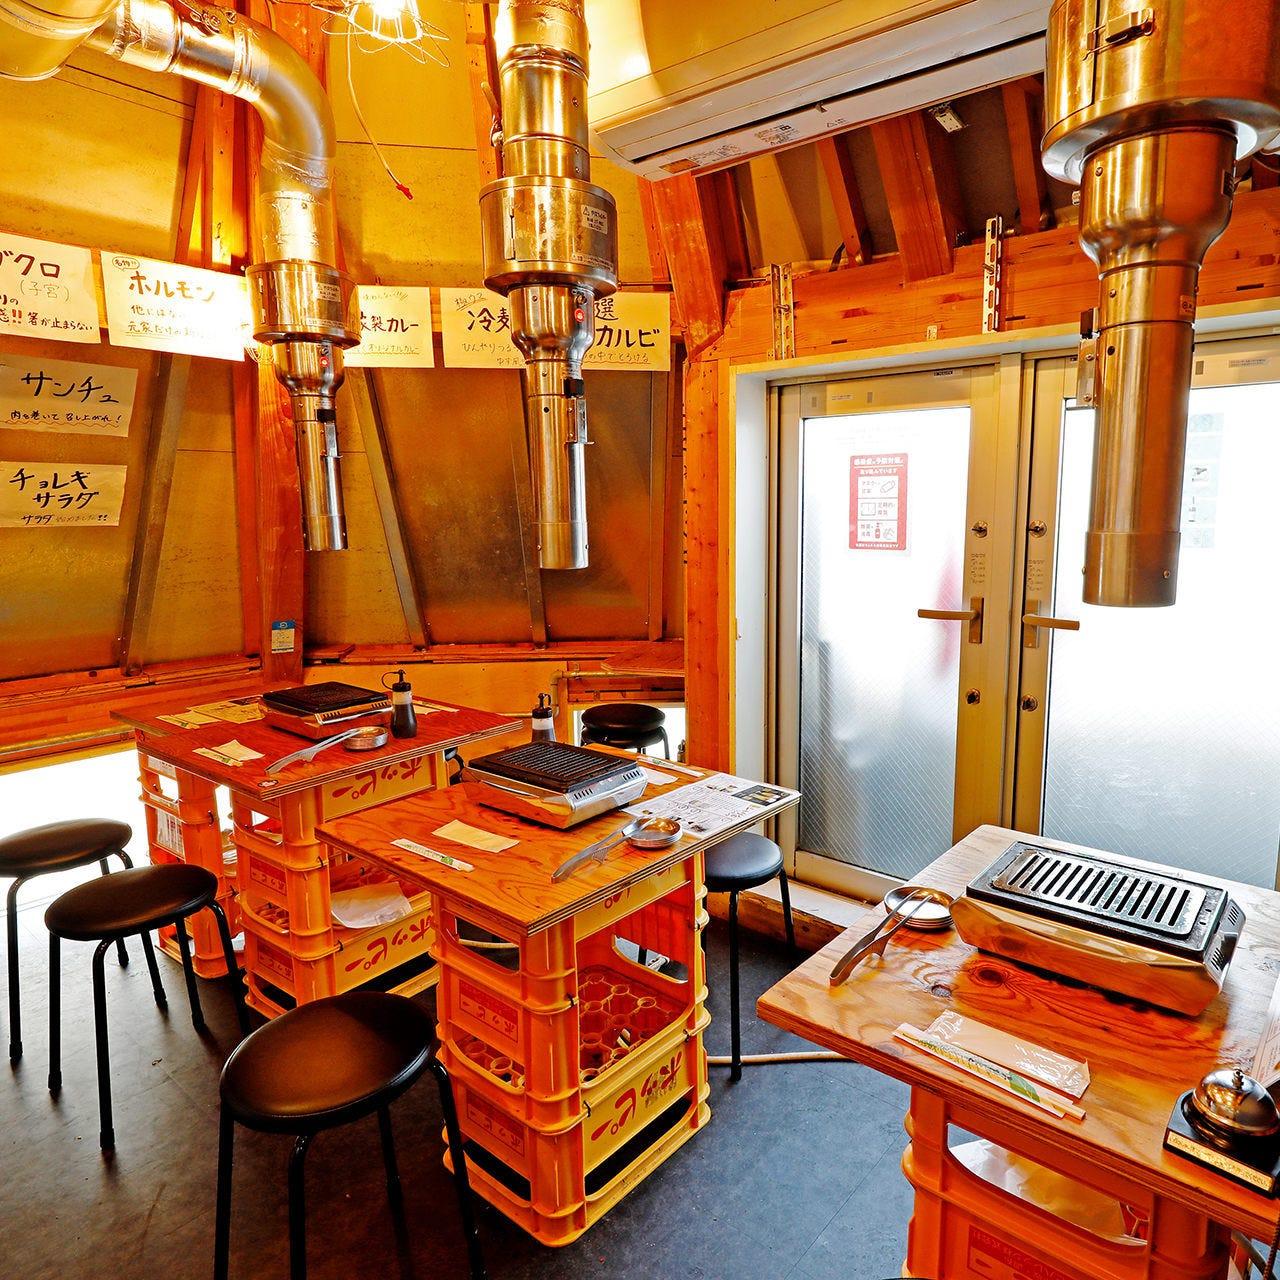 カジュアルな雰囲気漂う大衆焼肉店